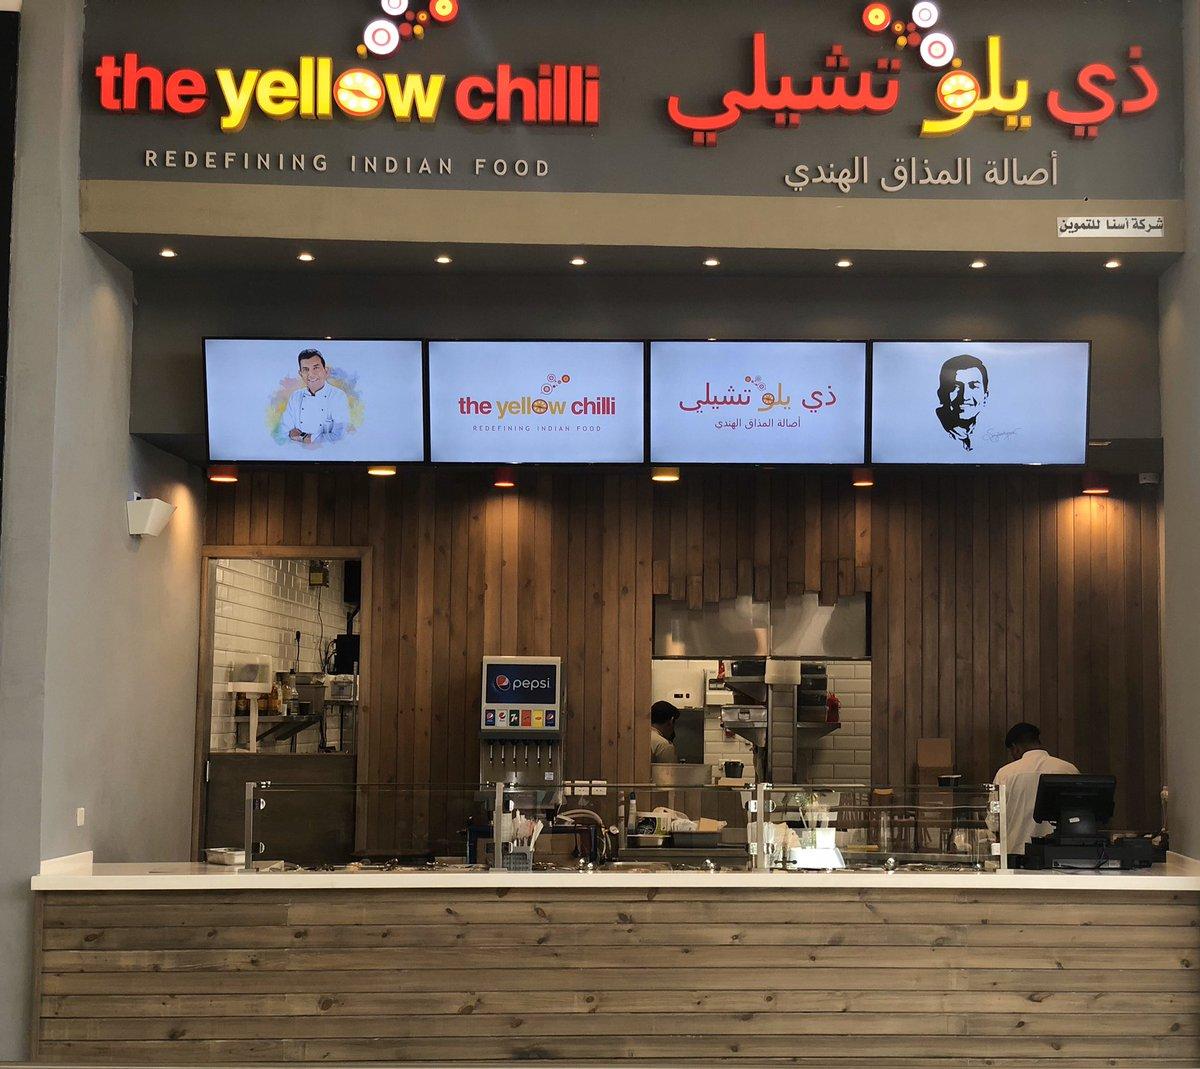 مطعم ذي يلو تشيلي الأسعار المنيو الموقع كافيهات و مطاعم الرياض